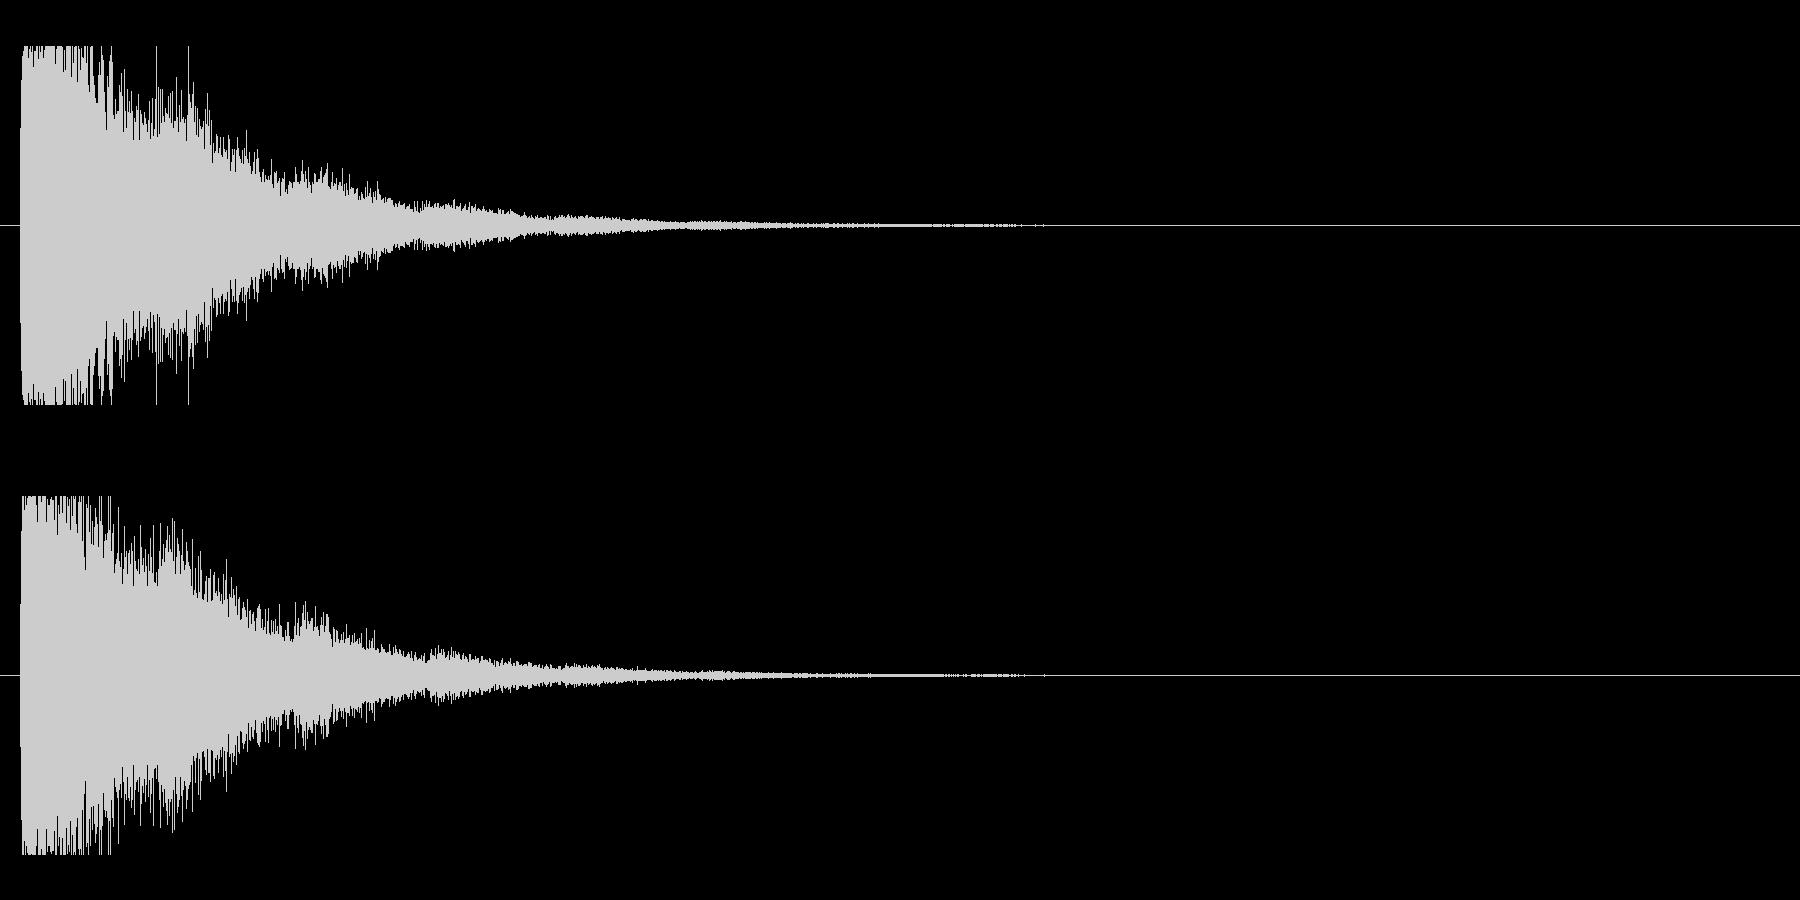 レーザー音-93-2の未再生の波形